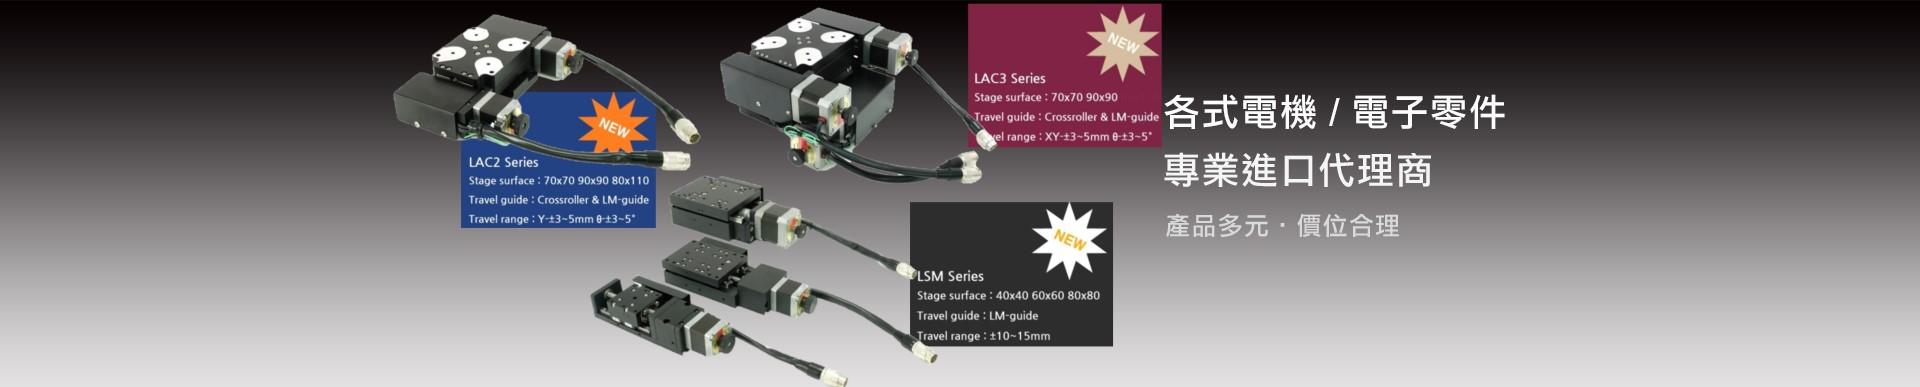 LSM-LAC2-LAC3電動滑台